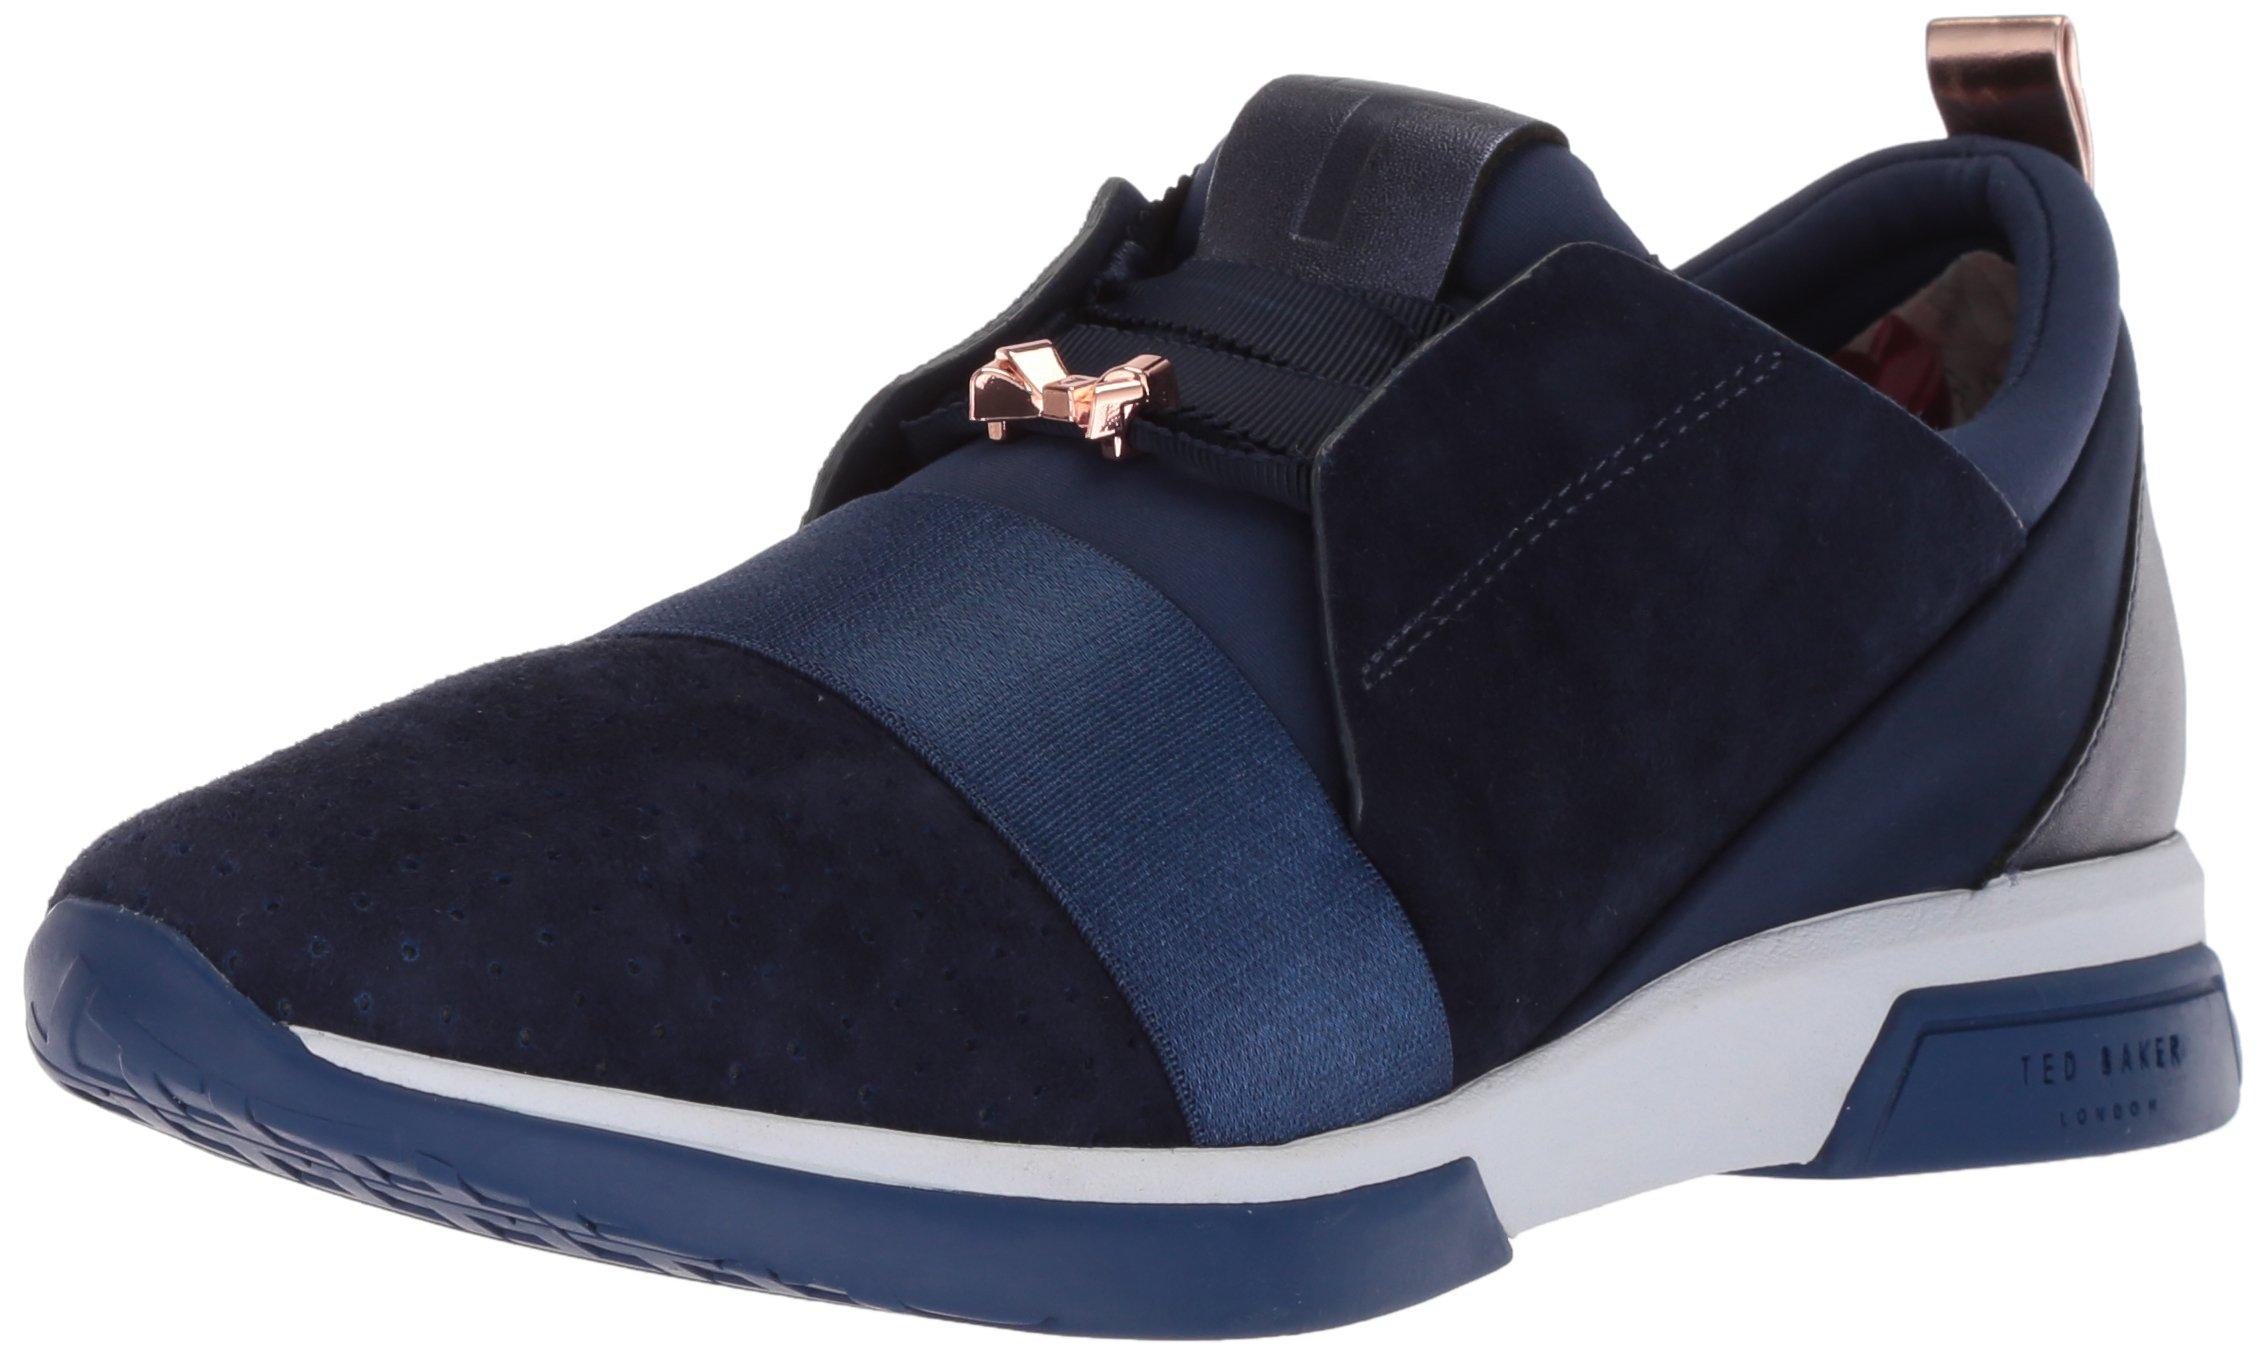 Ted Baker Women's Cepa Sneaker, Navy Suede, 8 B(M) US